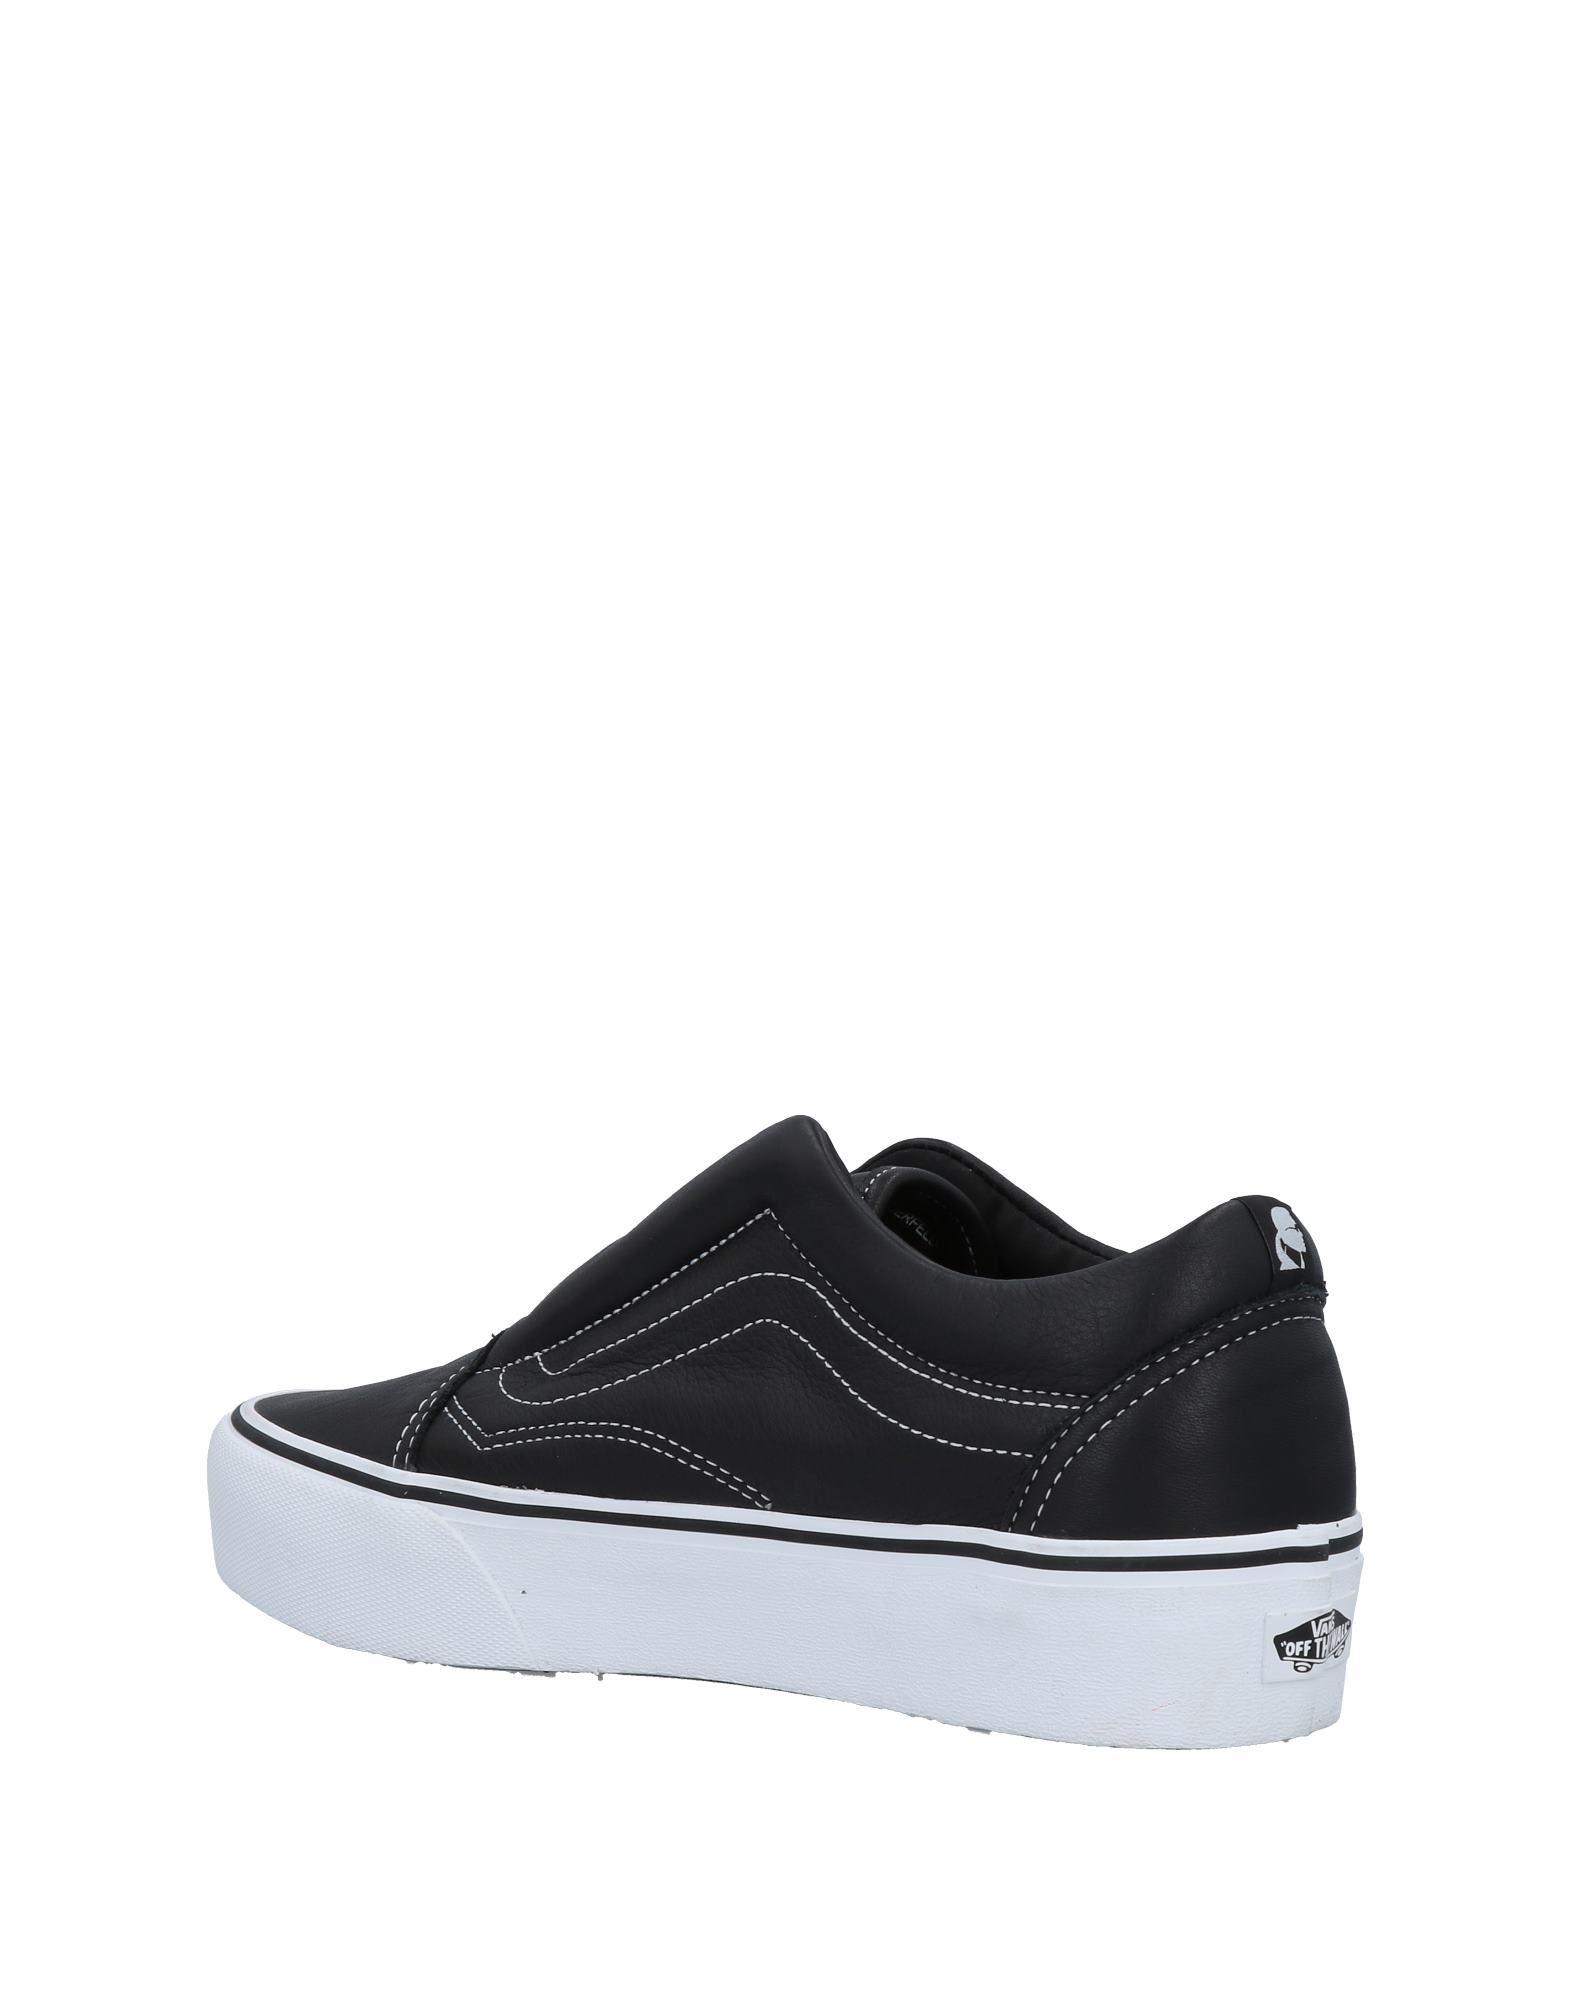 Vans X Karl Karl Karl Lagerfeld Sneakers - Men Vans X Karl Lagerfeld Sneakers online on  Australia - 11490765RD 0f562b